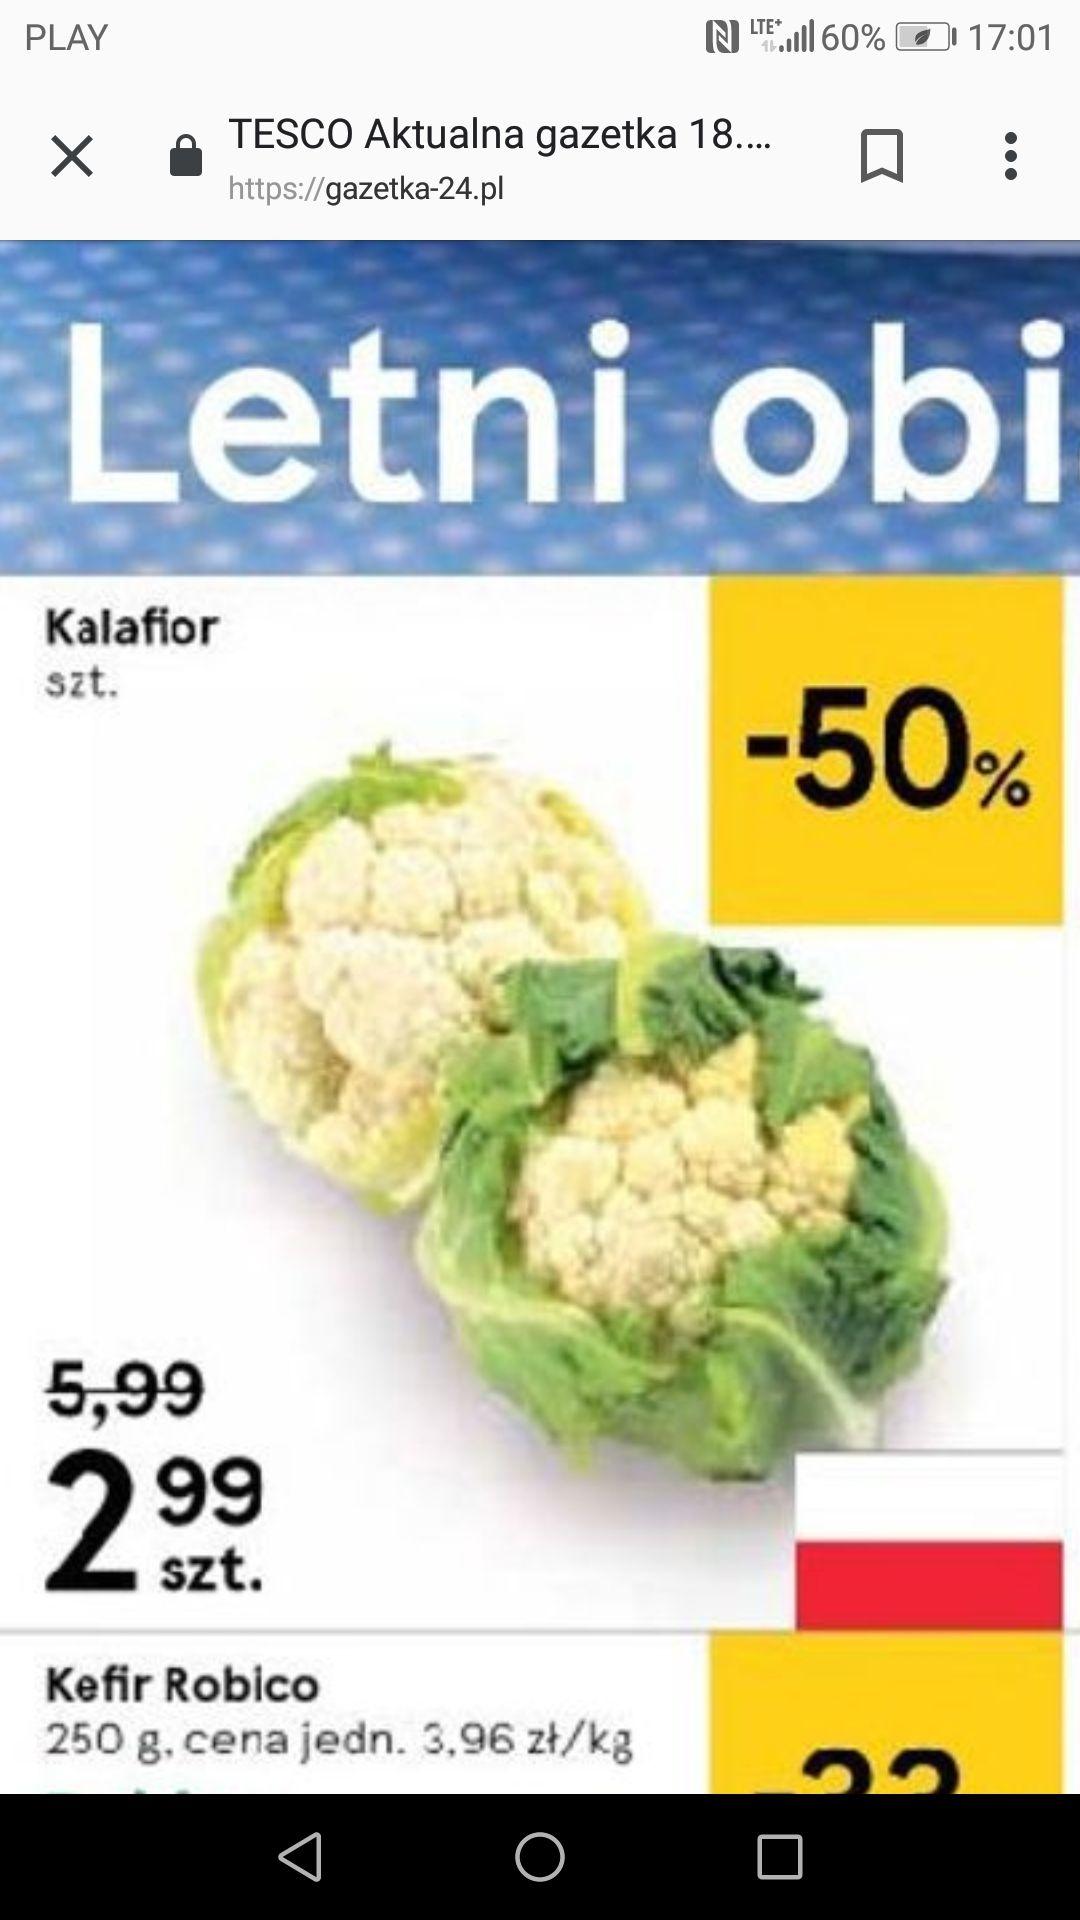 Kalafior w Tesco za 2,99zł/szt od 18.07